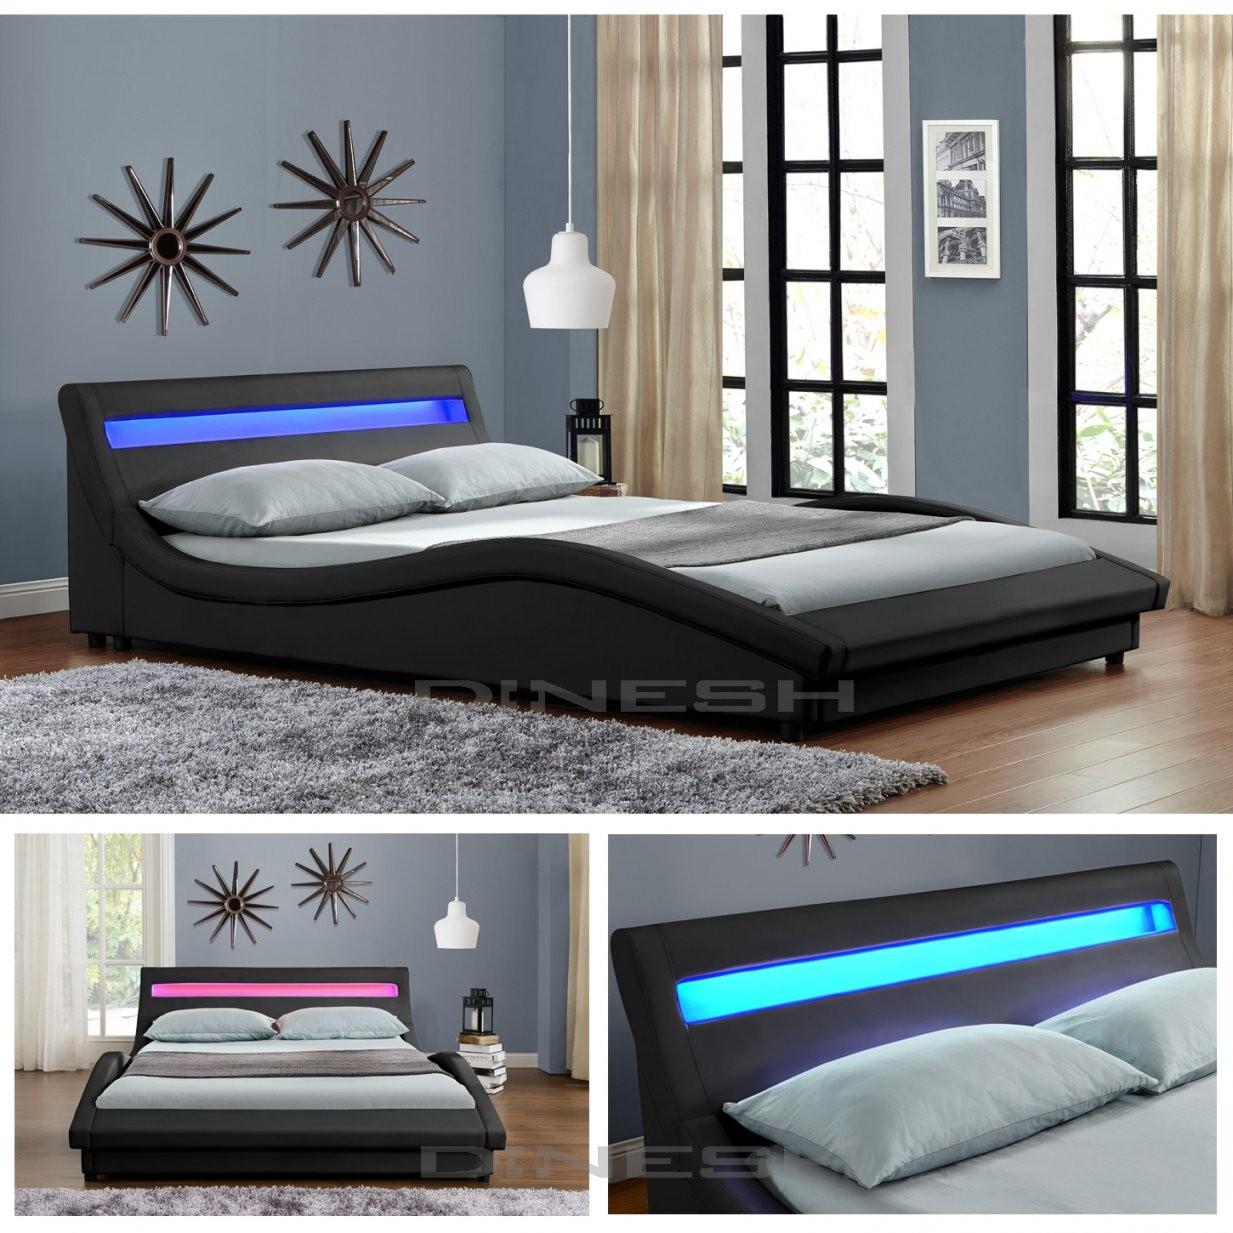 Charmant Bett 140X200 Komplett Günstig Billige Betten Billig von Bett 140X200 Mit Matratze Günstig Bild